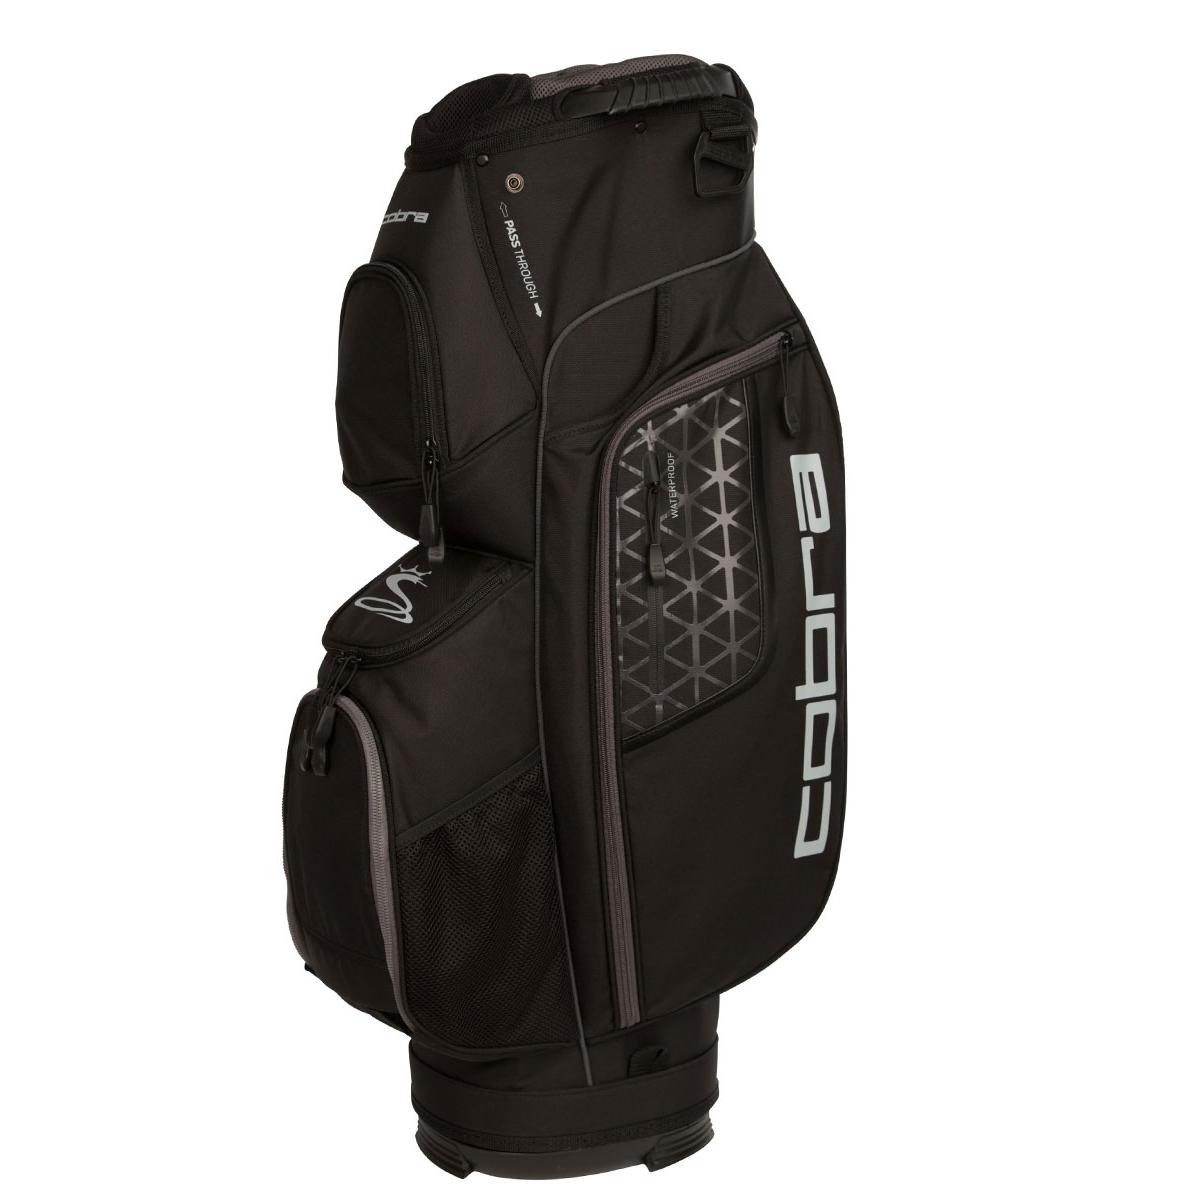 276c5cd91a6b Cobra Golf Ultralight Cart Bag | Online Golf